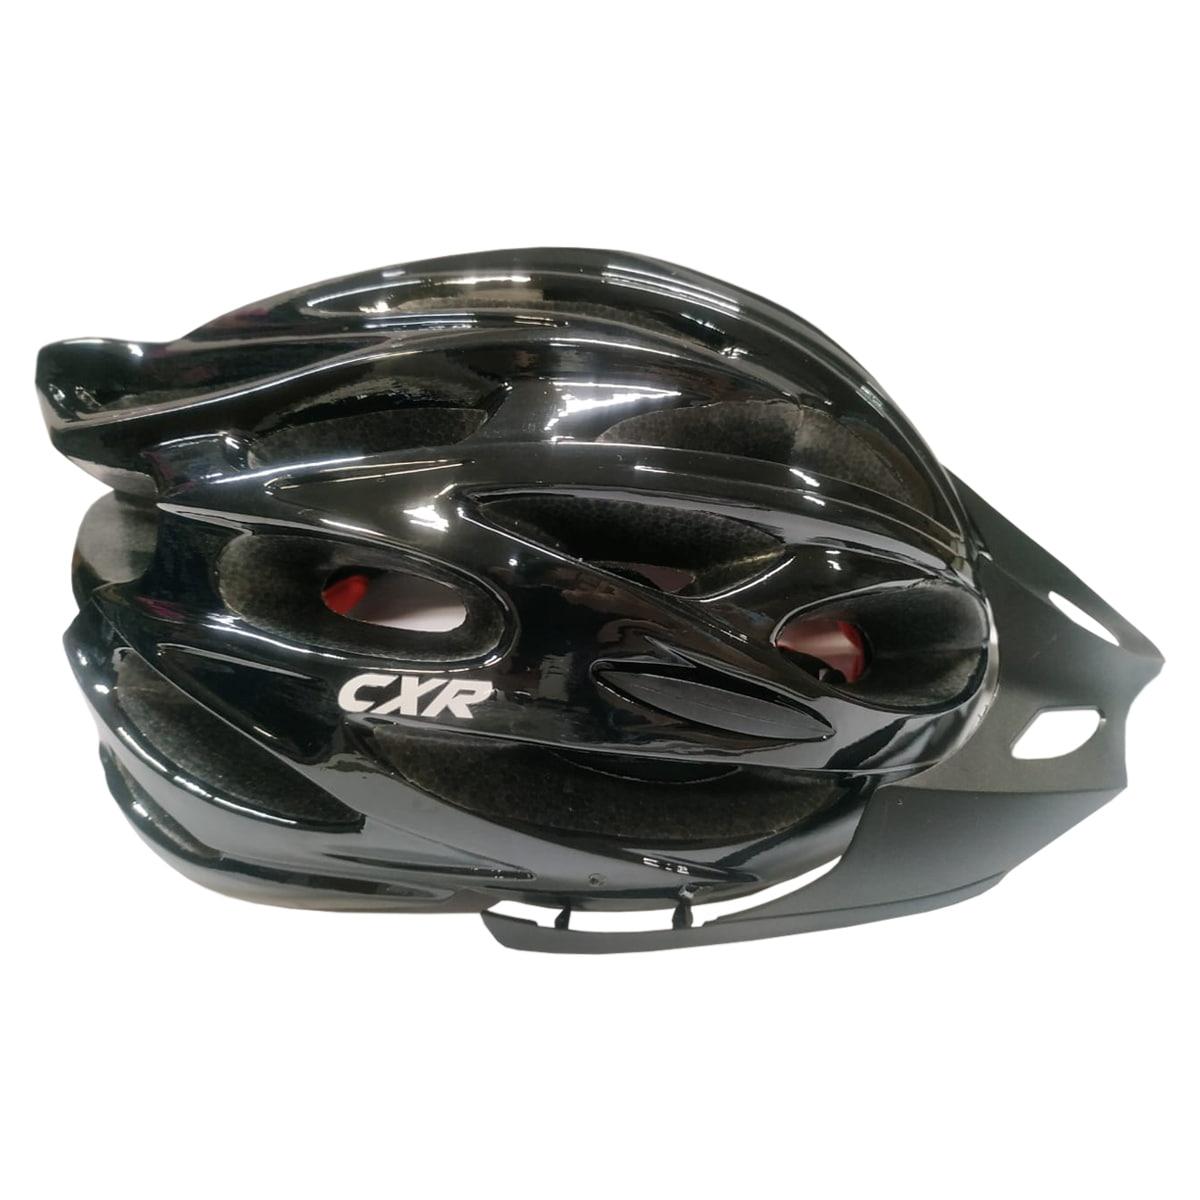 Capacete Ciclismo CXR Preto Com Luz